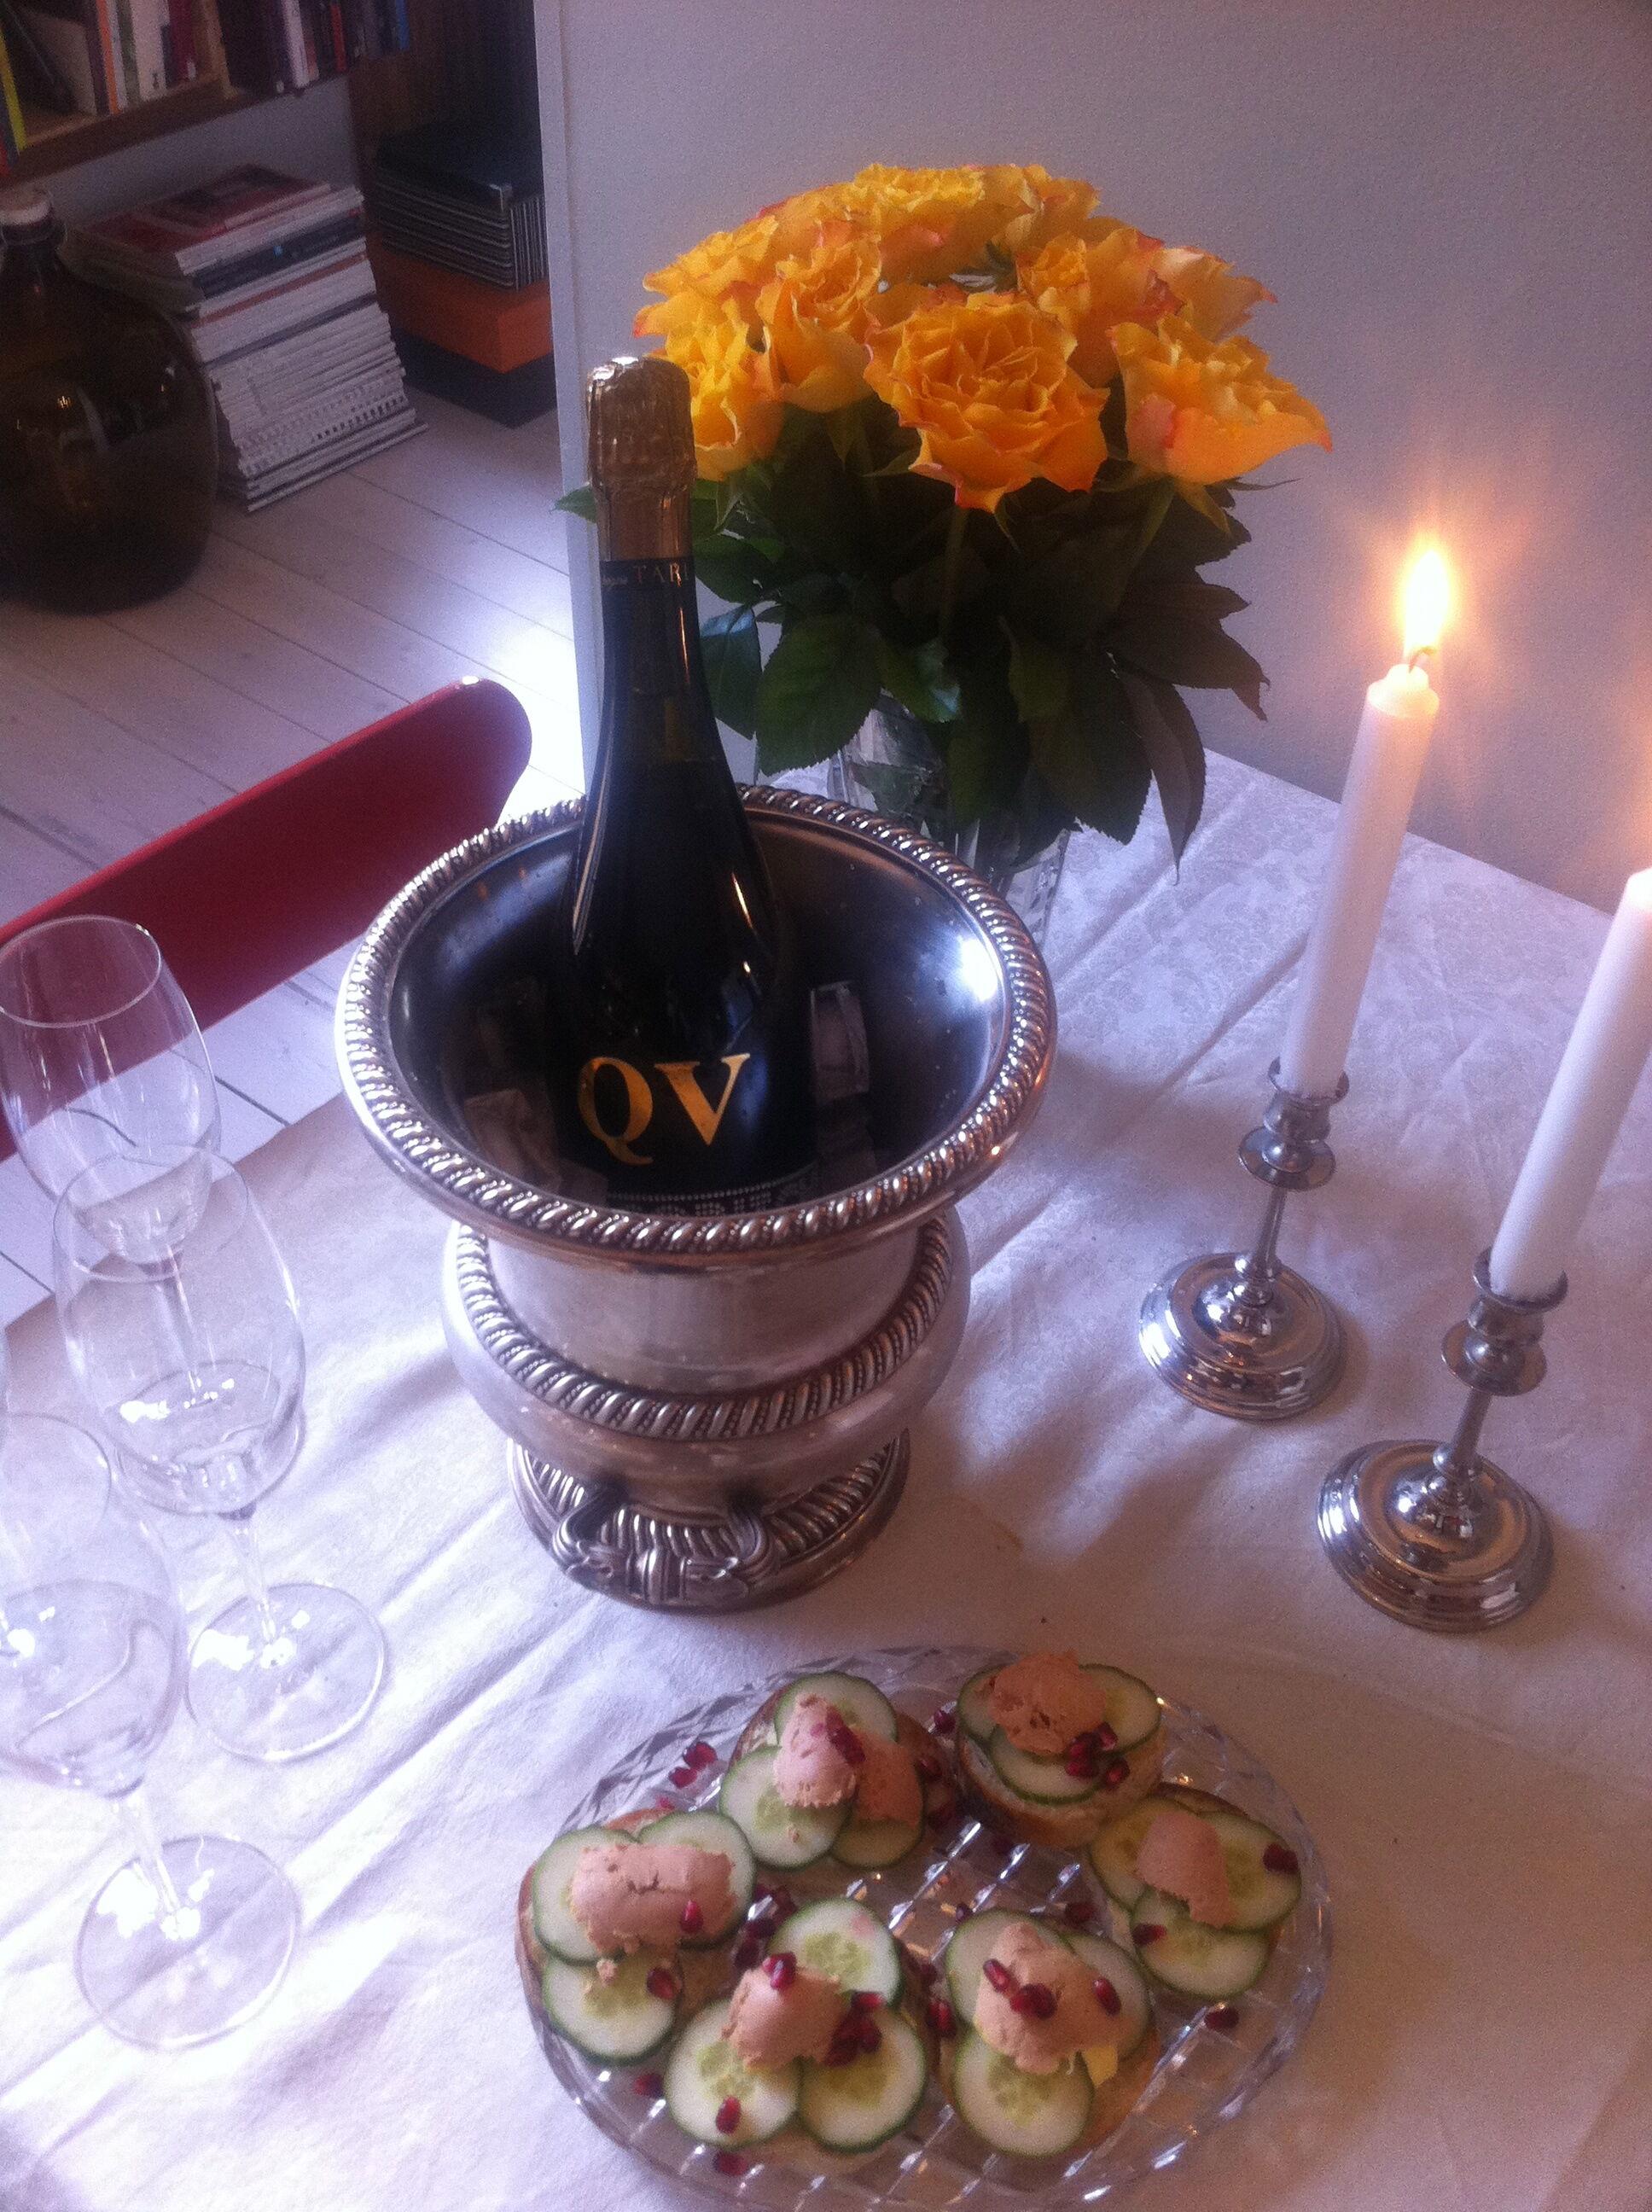 meny alla hjärtans dag middag recept hummer champagne ostron